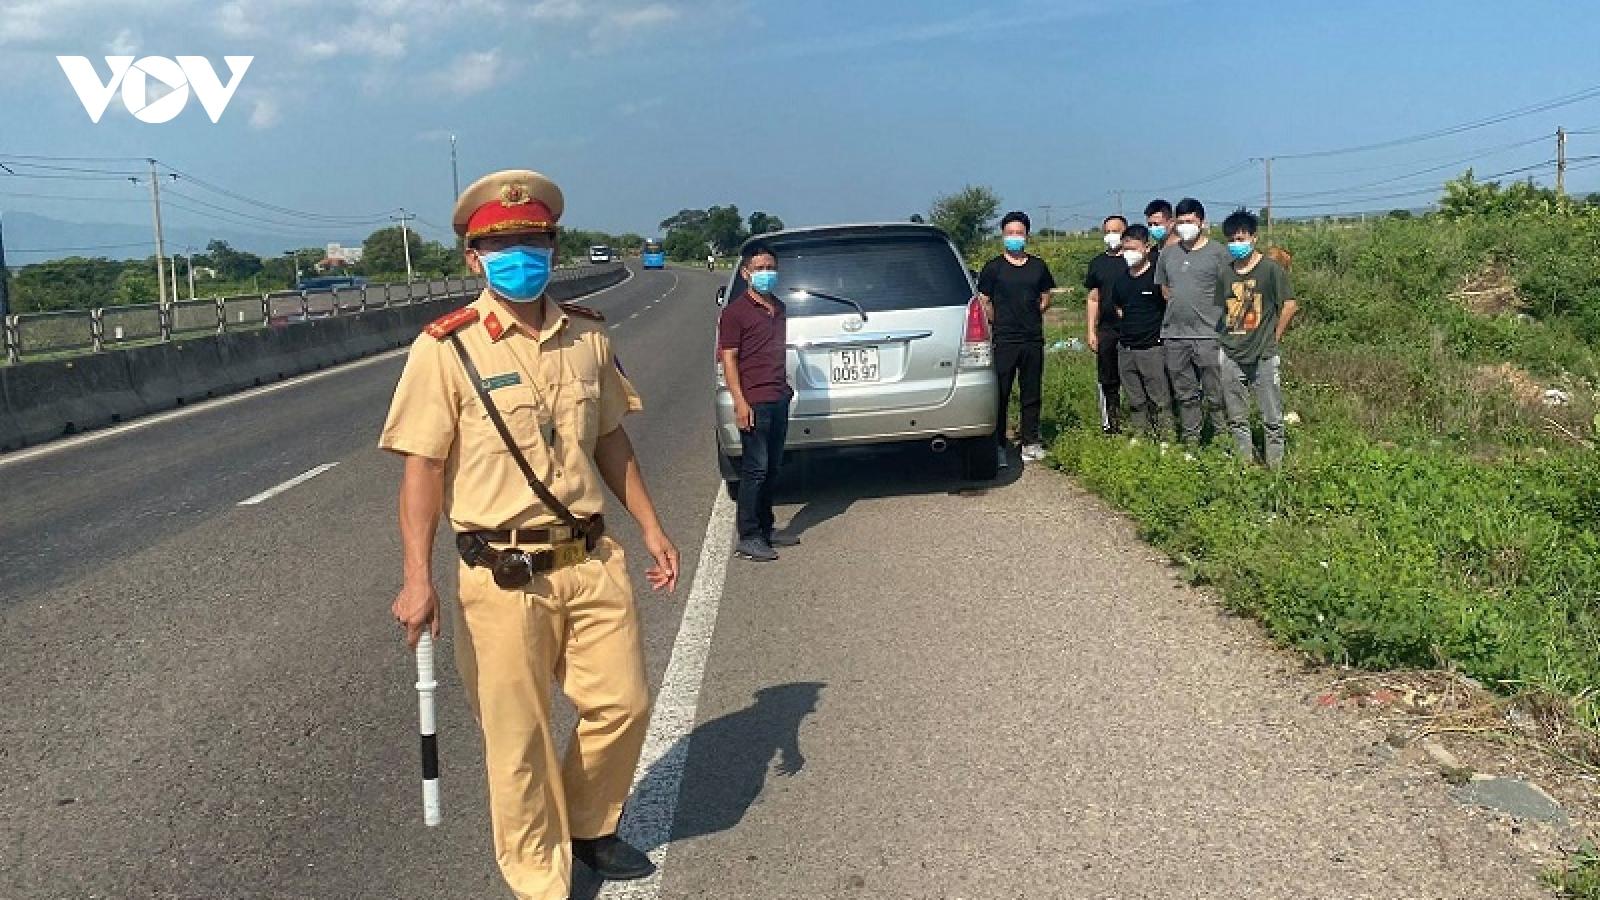 Phát hiện10 người Trung Quốc nghi nhập cảnh trái phép ở Bình Thuận và Ninh Thuận